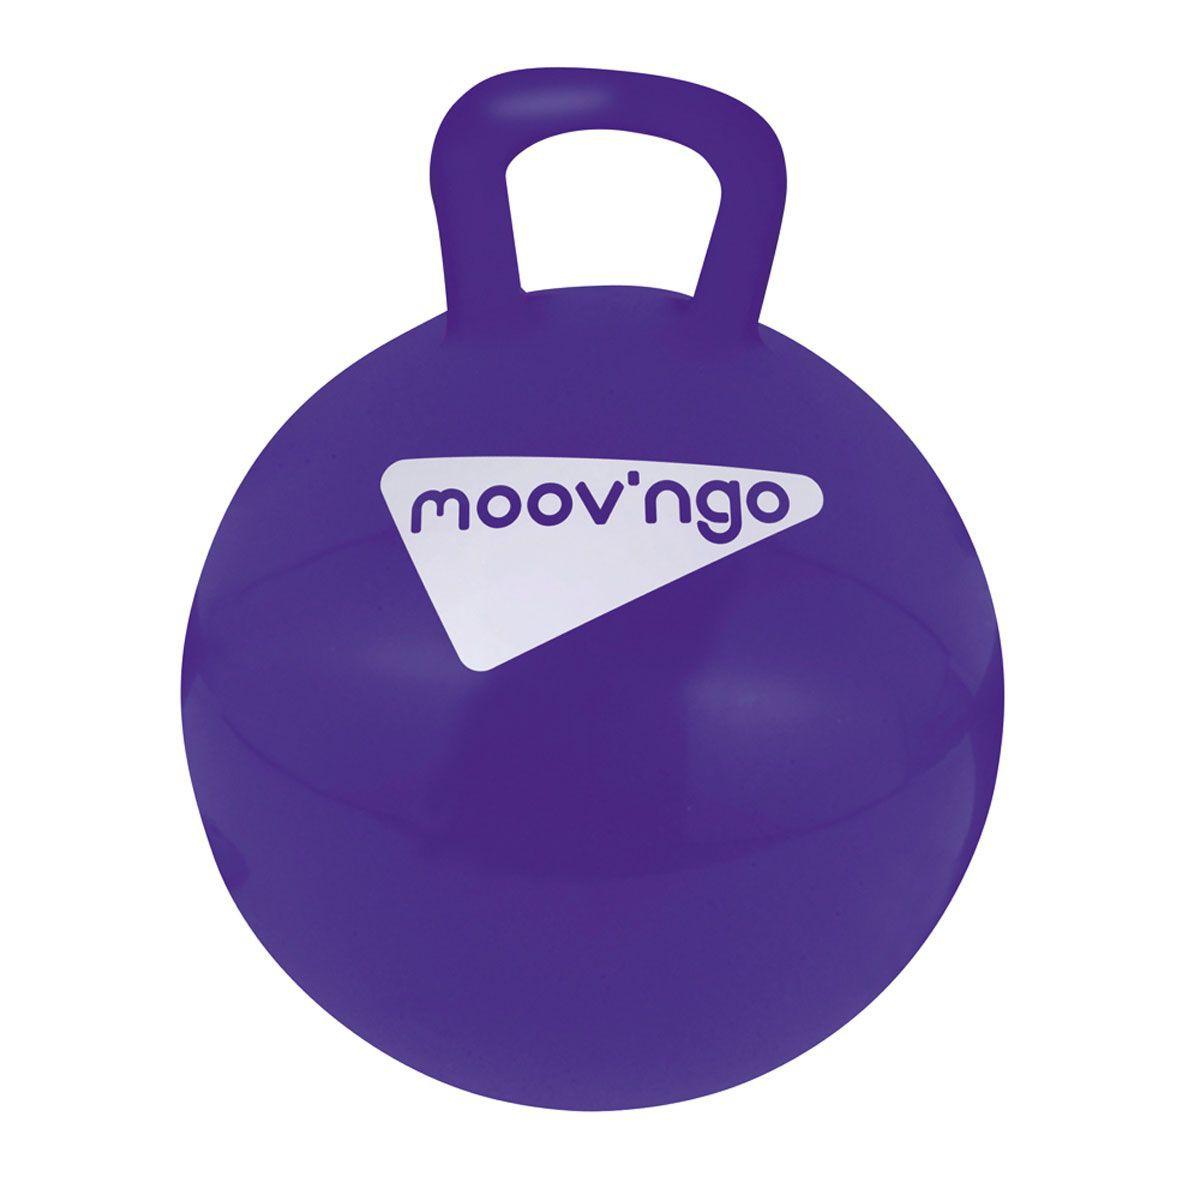 Ballon sauteur : comment faire pour choisir le meilleur ?